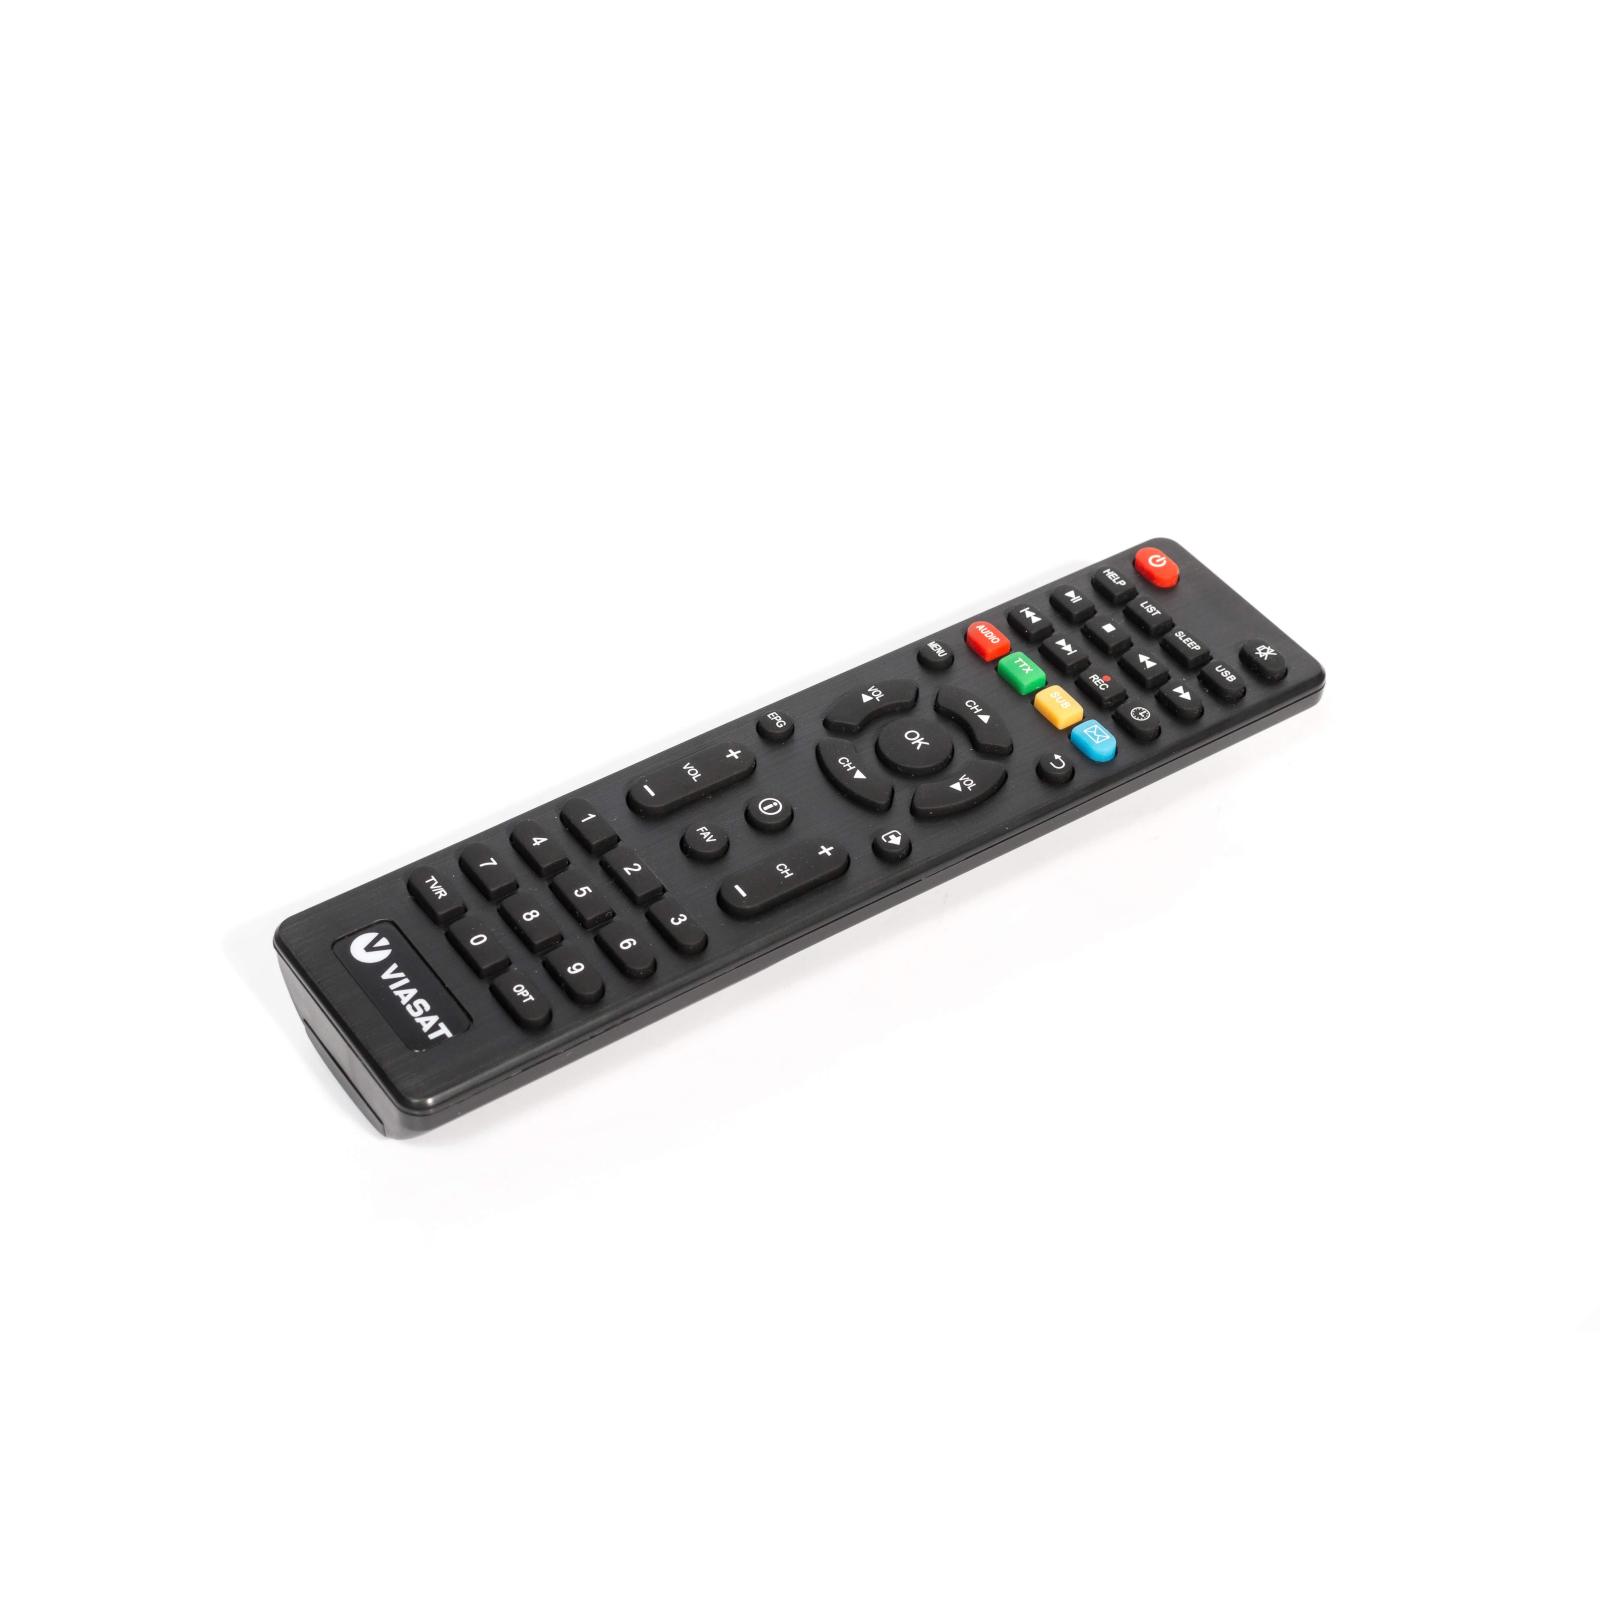 ТВ тюнер Romsat S2 TV VIASAT (S2 TV) зображення 7